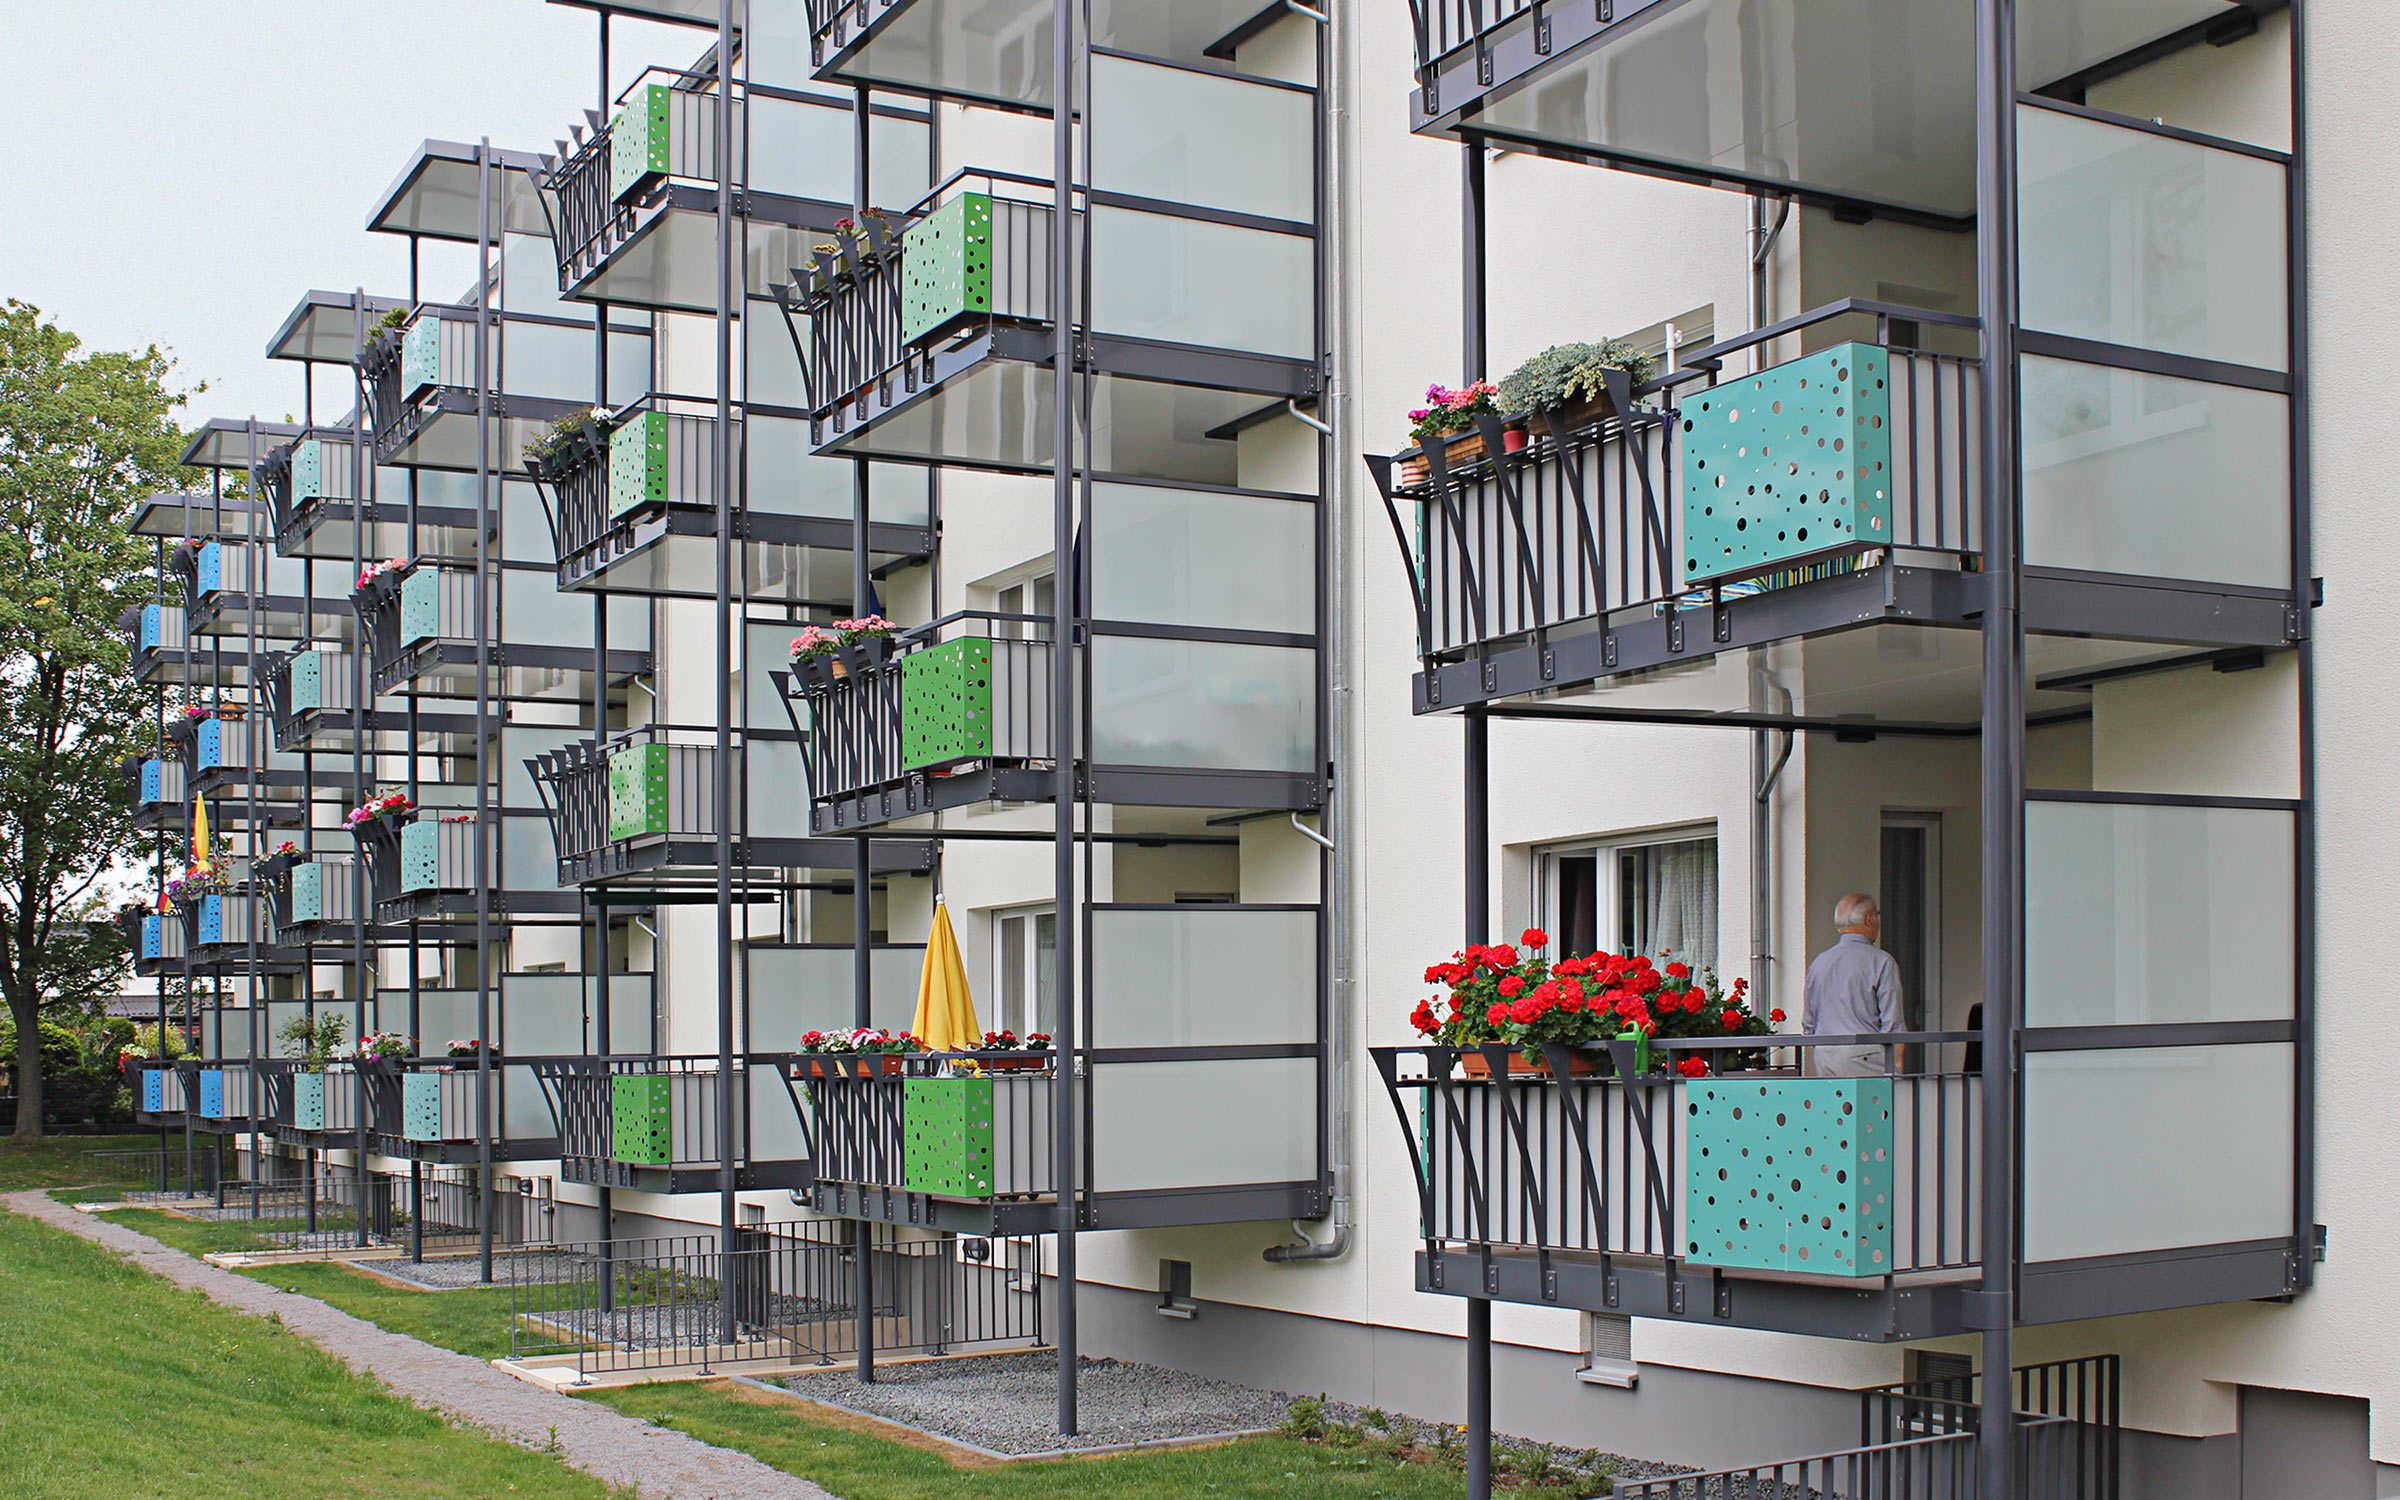 Palmenweg - Oleanderweg, Köln